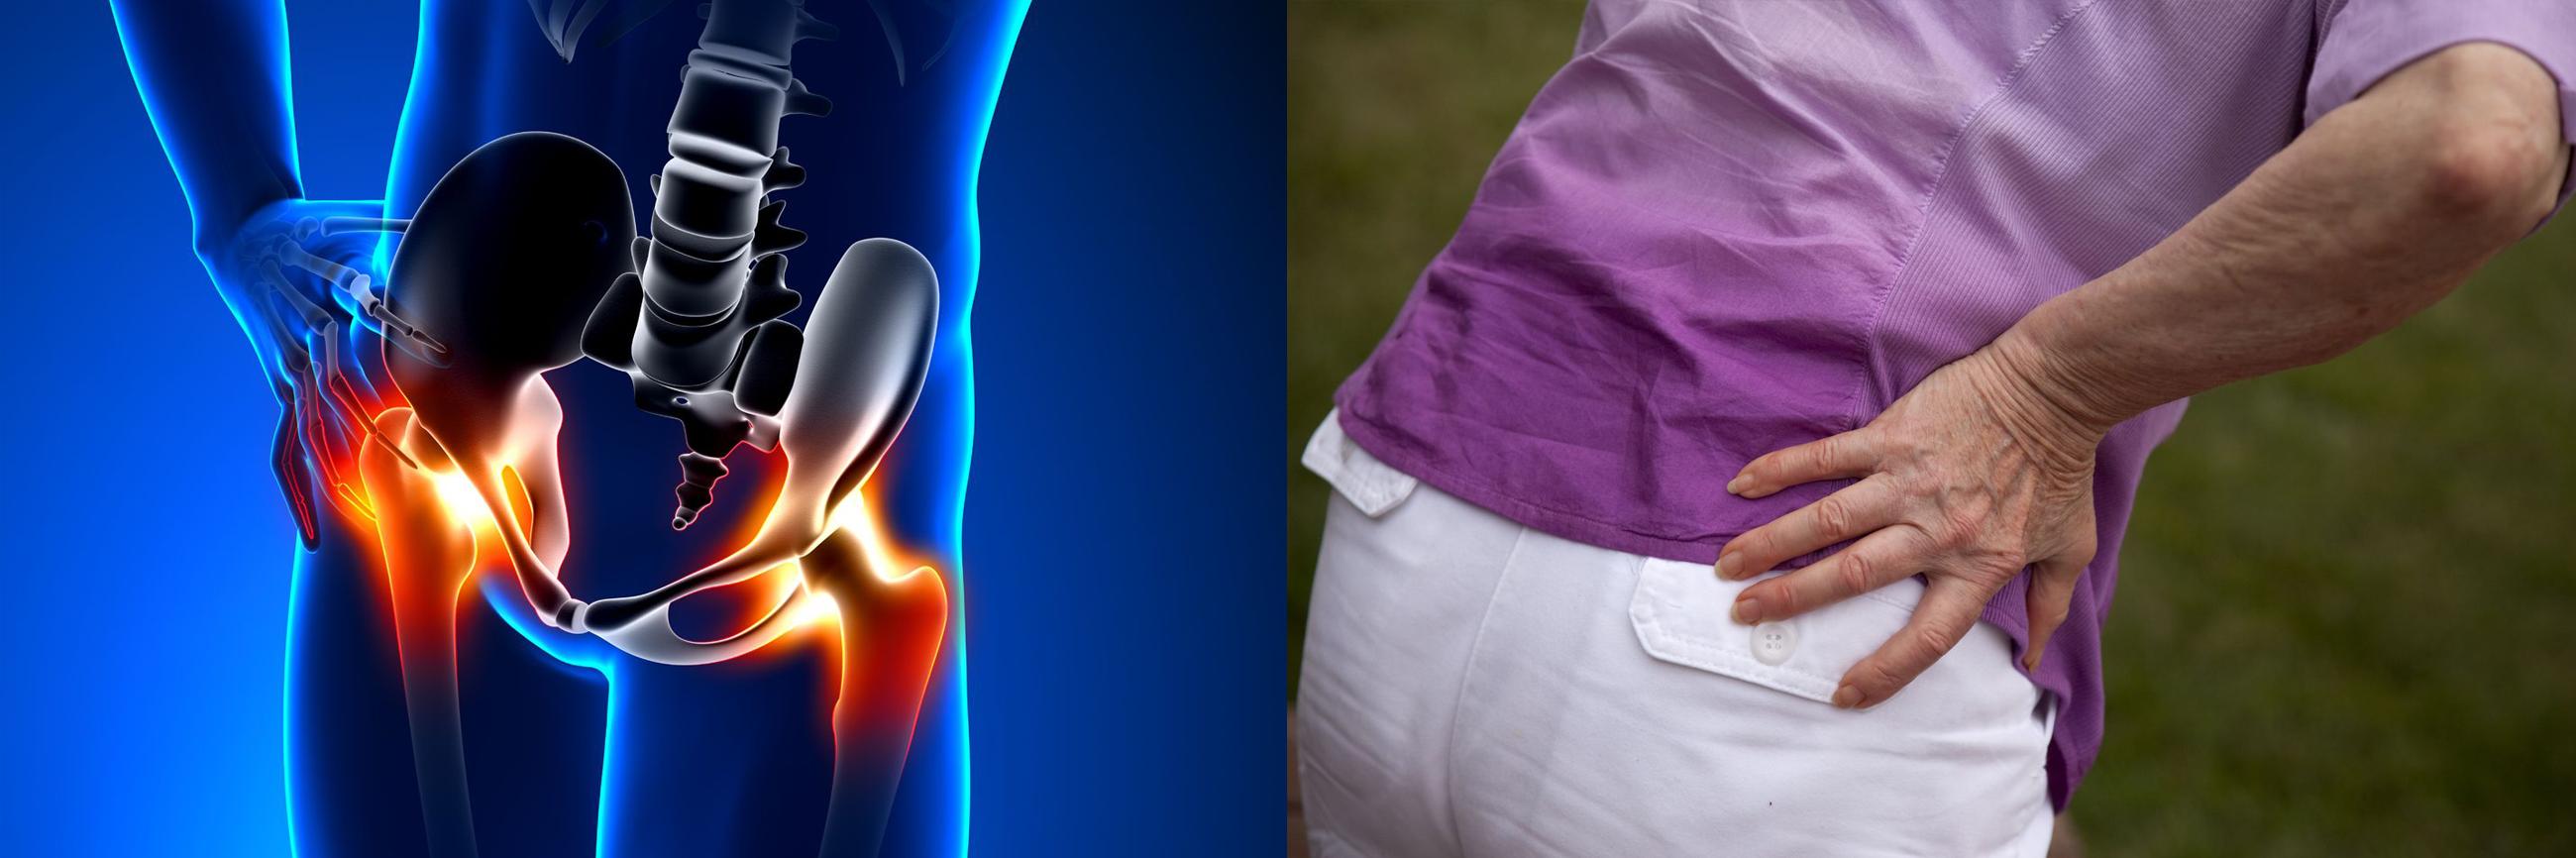 fájdalom a csípőízületben futás után ujjízületi tünetek és kezelés